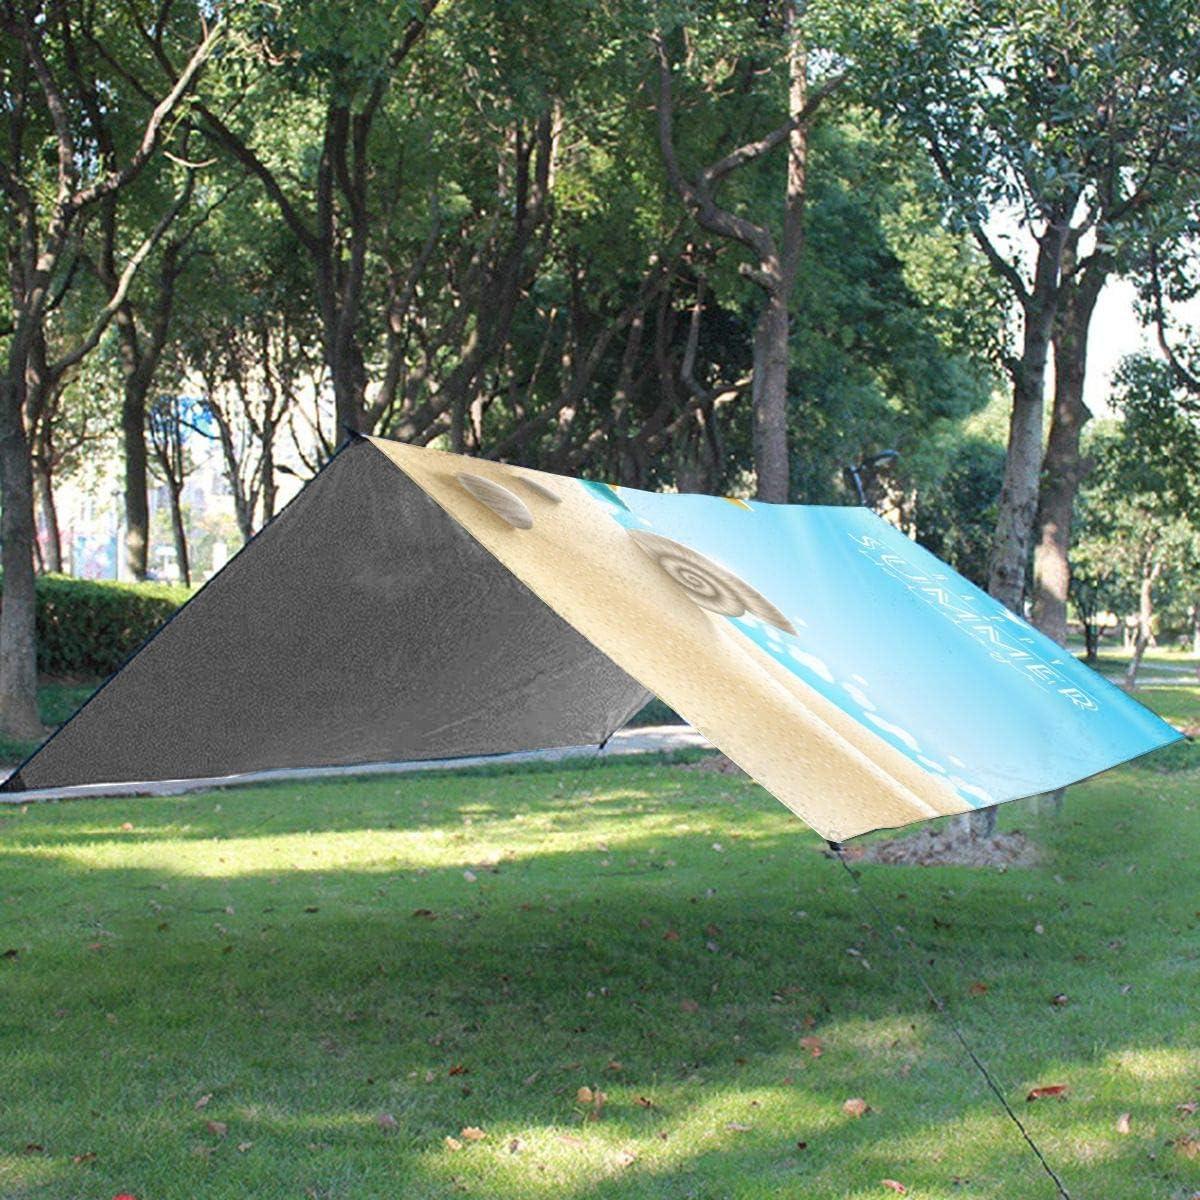 Txc9ds Star Butter-Fly - Tappetino da picnic all'aperto per parco, spiaggia, campeggio, portatile, impermeabile Spiaggia delle stelle marine estive